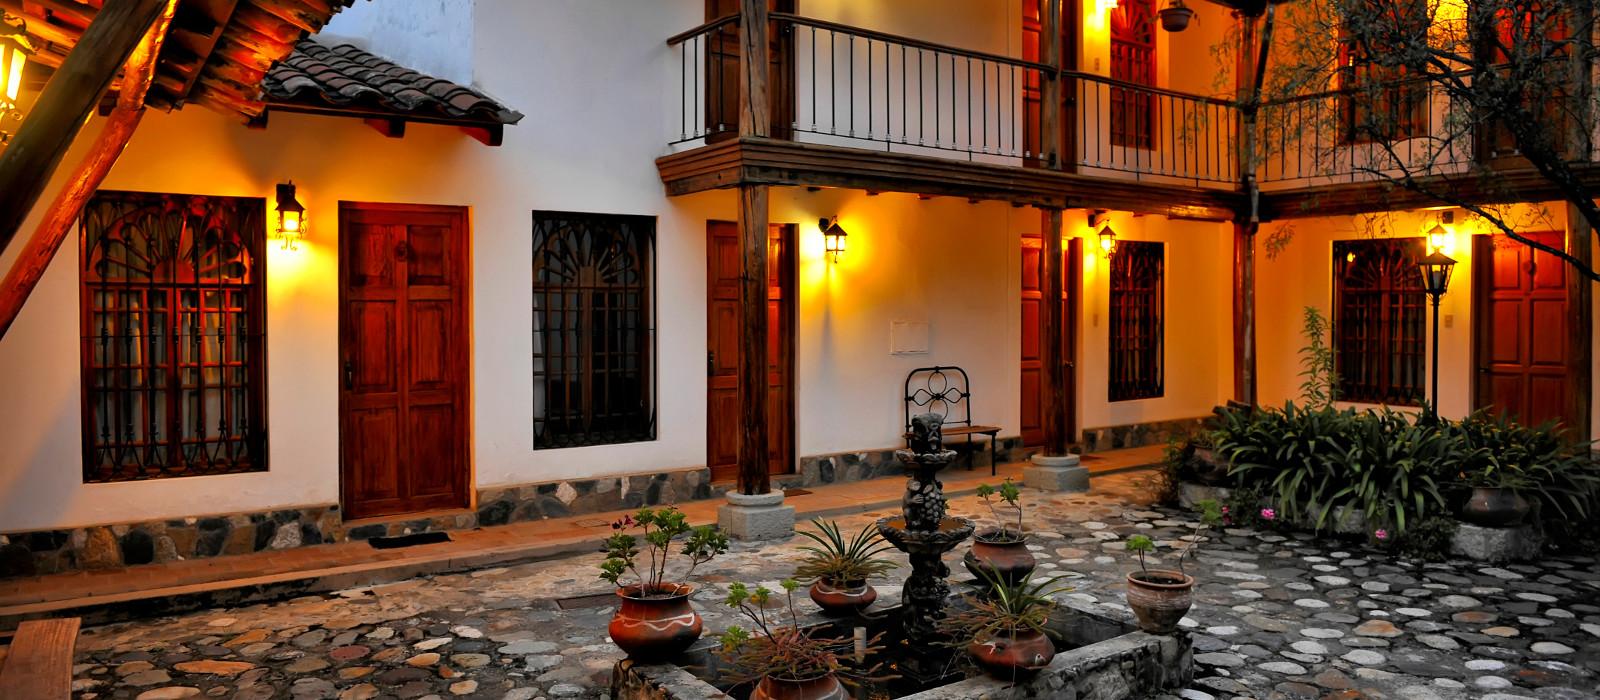 Hotel El Patio de Monterrey Peru